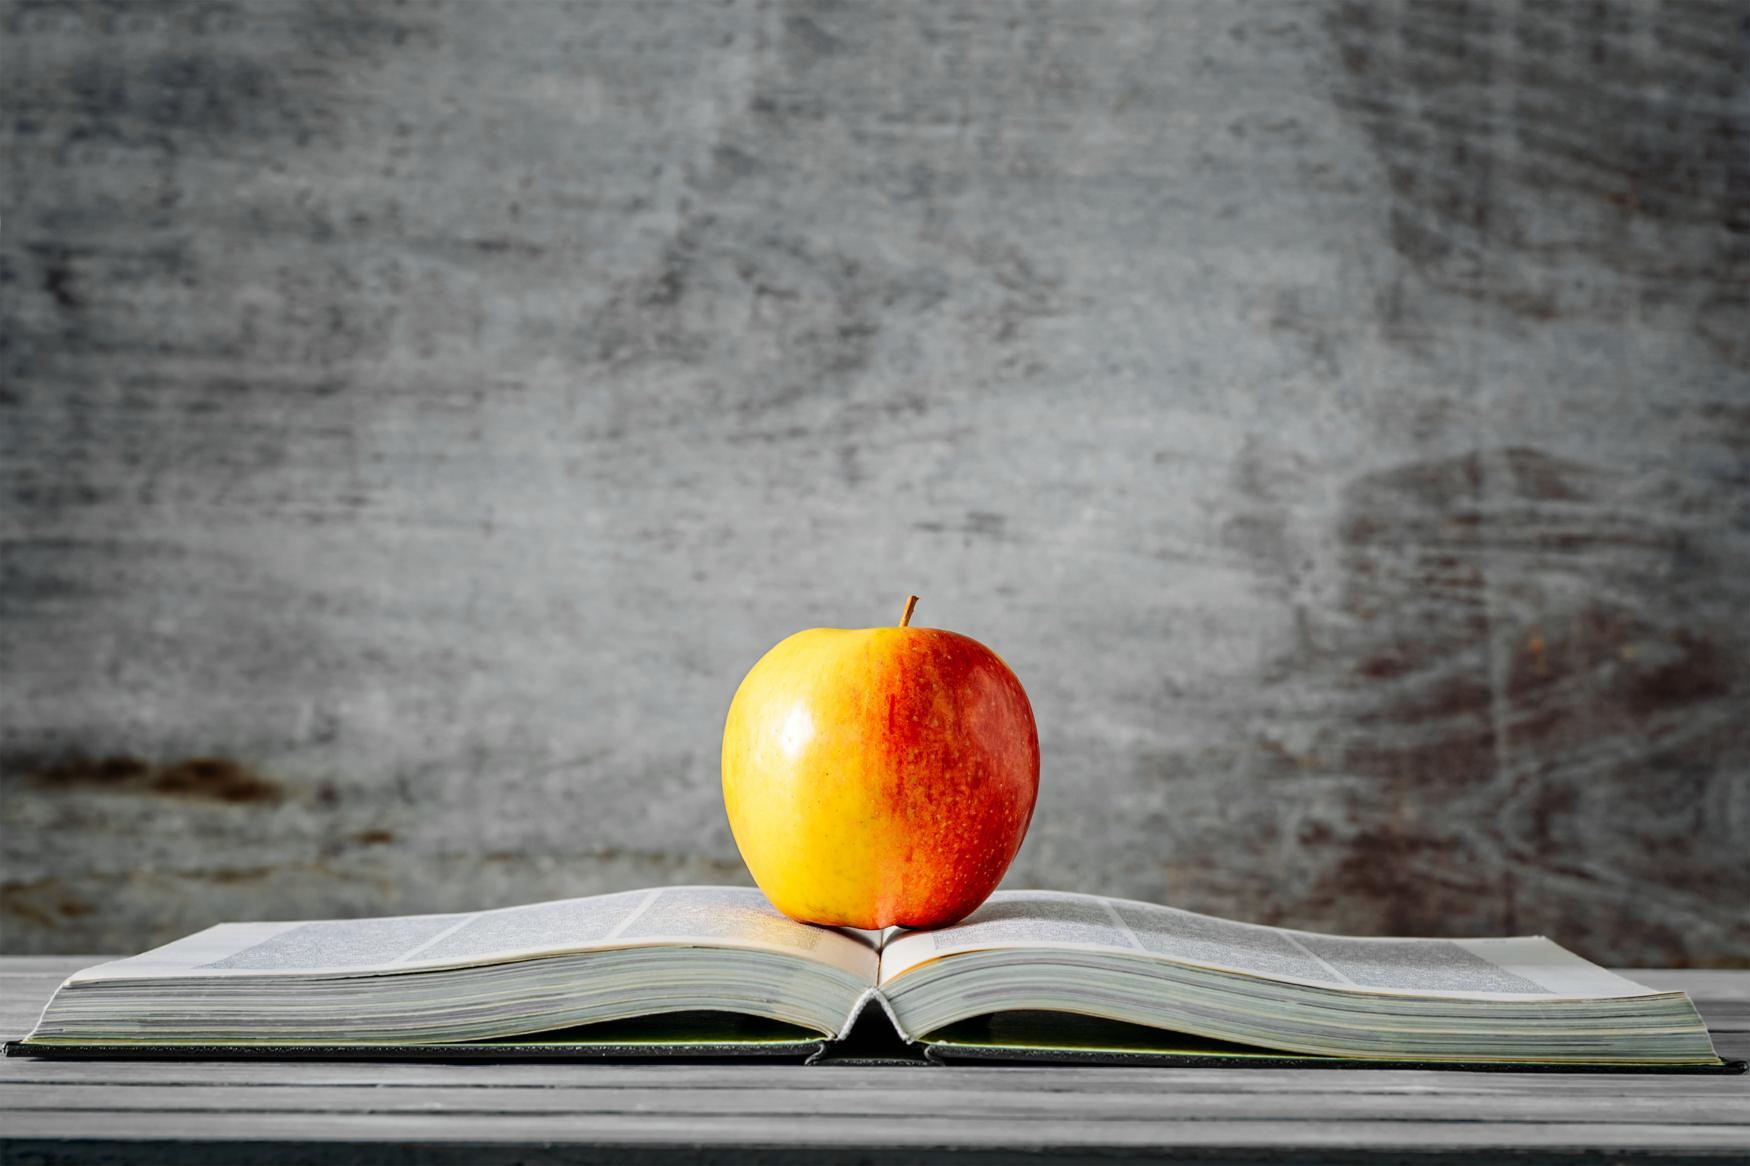 scadenza lezioni di etichetta - Natyoure - www.natyoure.it